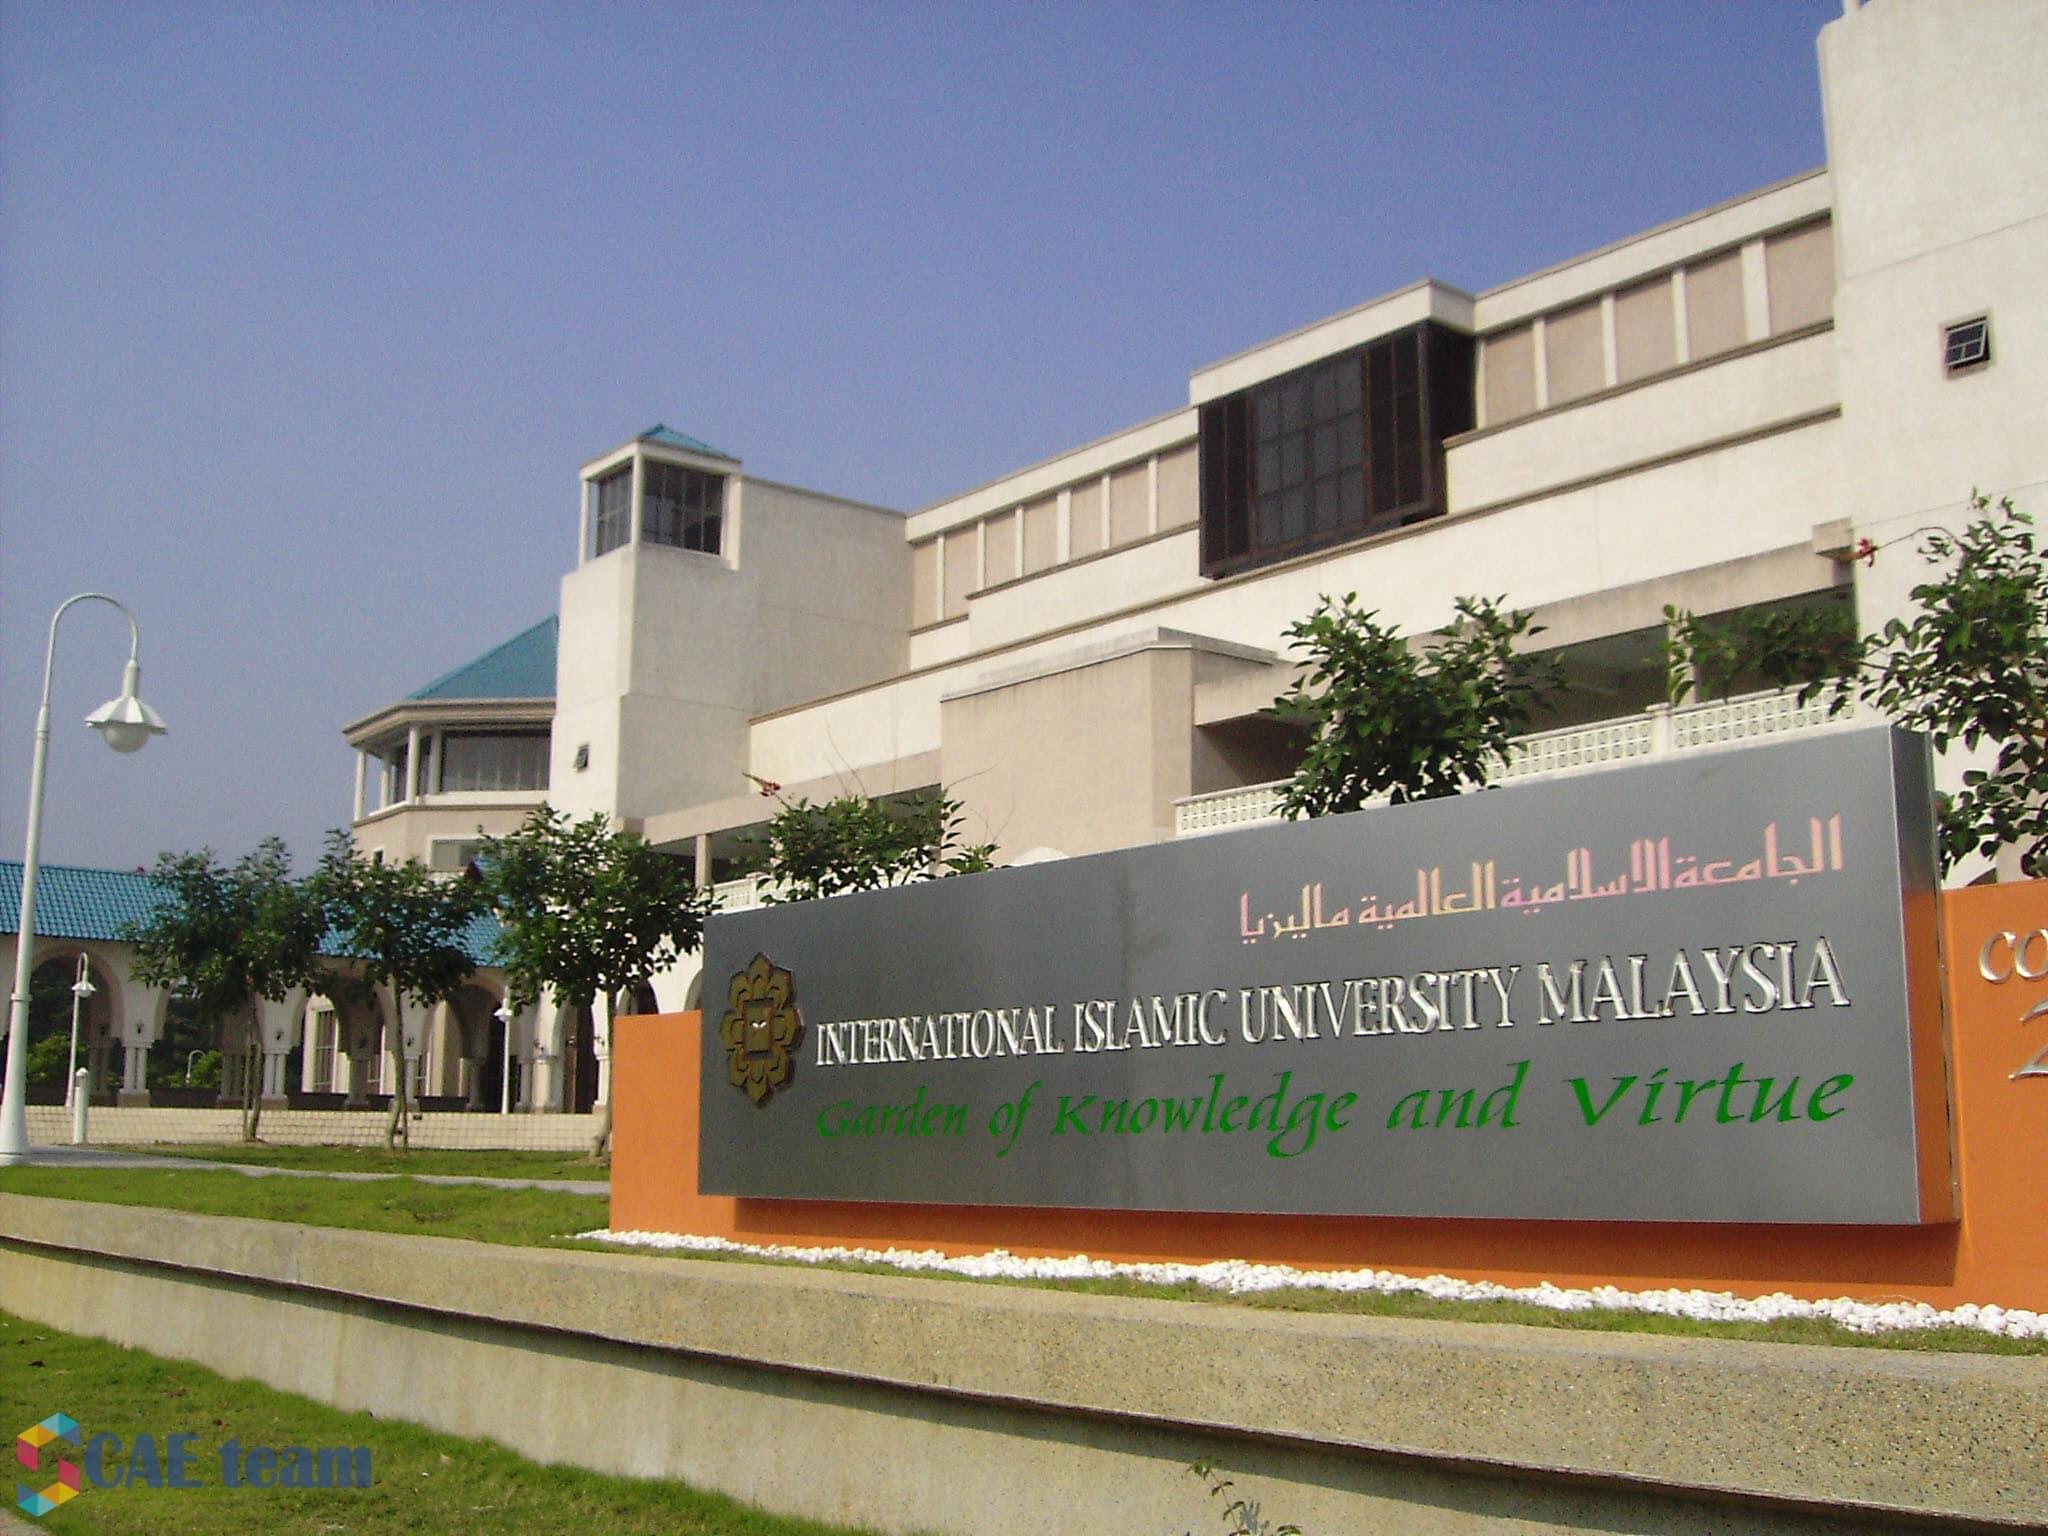 صورة منحة جامعية في ماليزيا ل 800 طالب في كافة الاختصاصات لطلاب الماجستير والدكتوراه